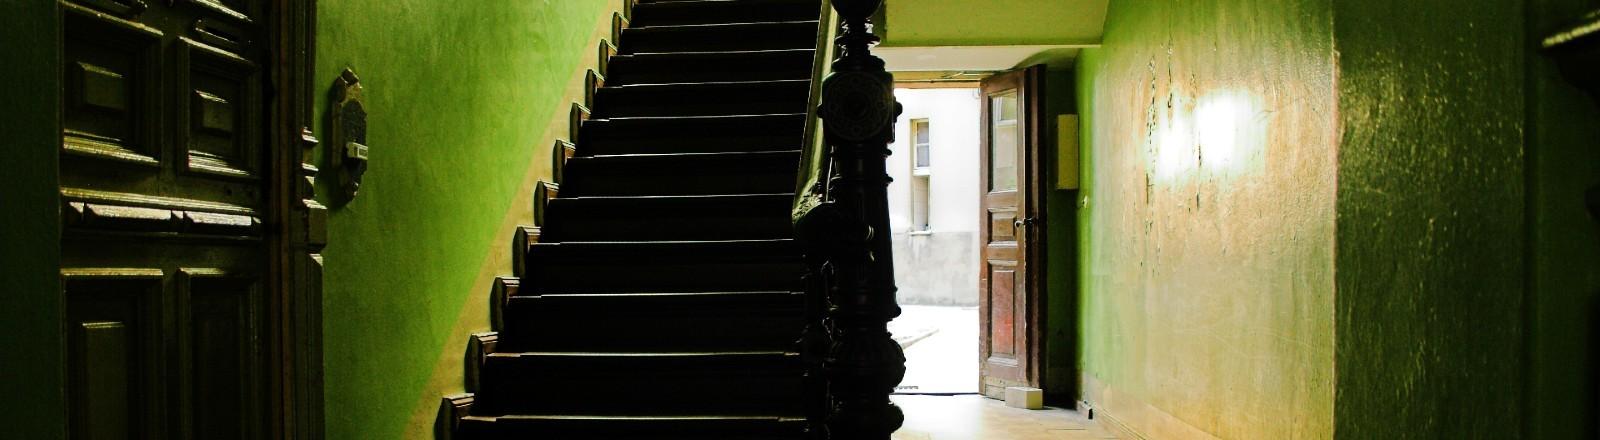 Treppenhaus mit alter Holztreppe, schummeriges Licht, eine Tür nach draußen ist geöffnet